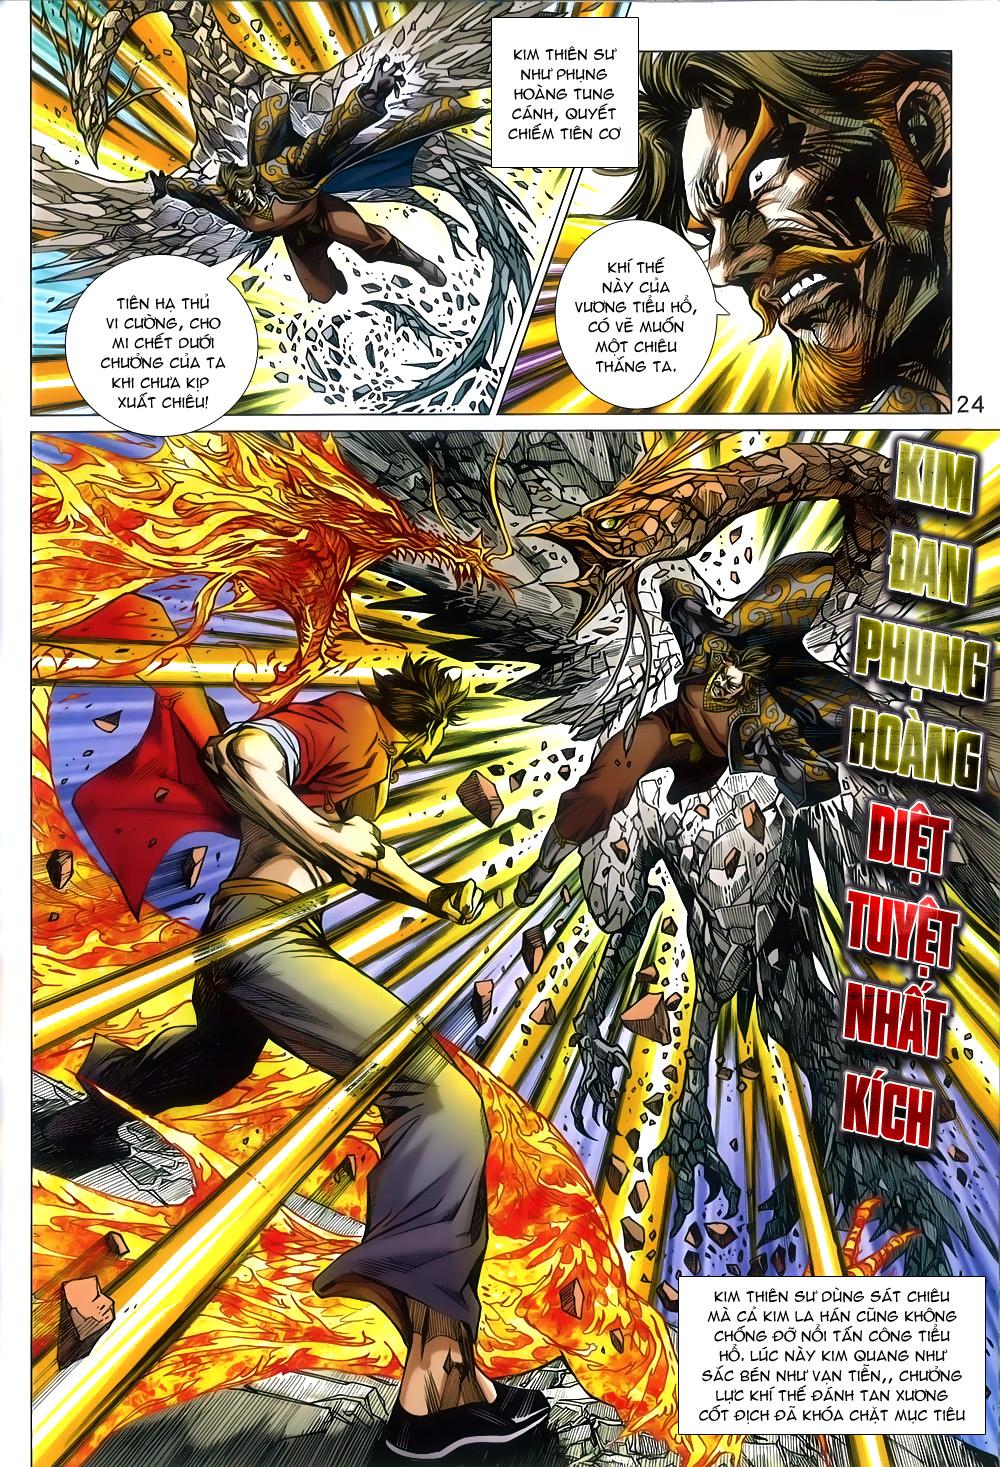 Tân Tác Long Hổ Môn chap 791 Trang 24 - Mangak.info